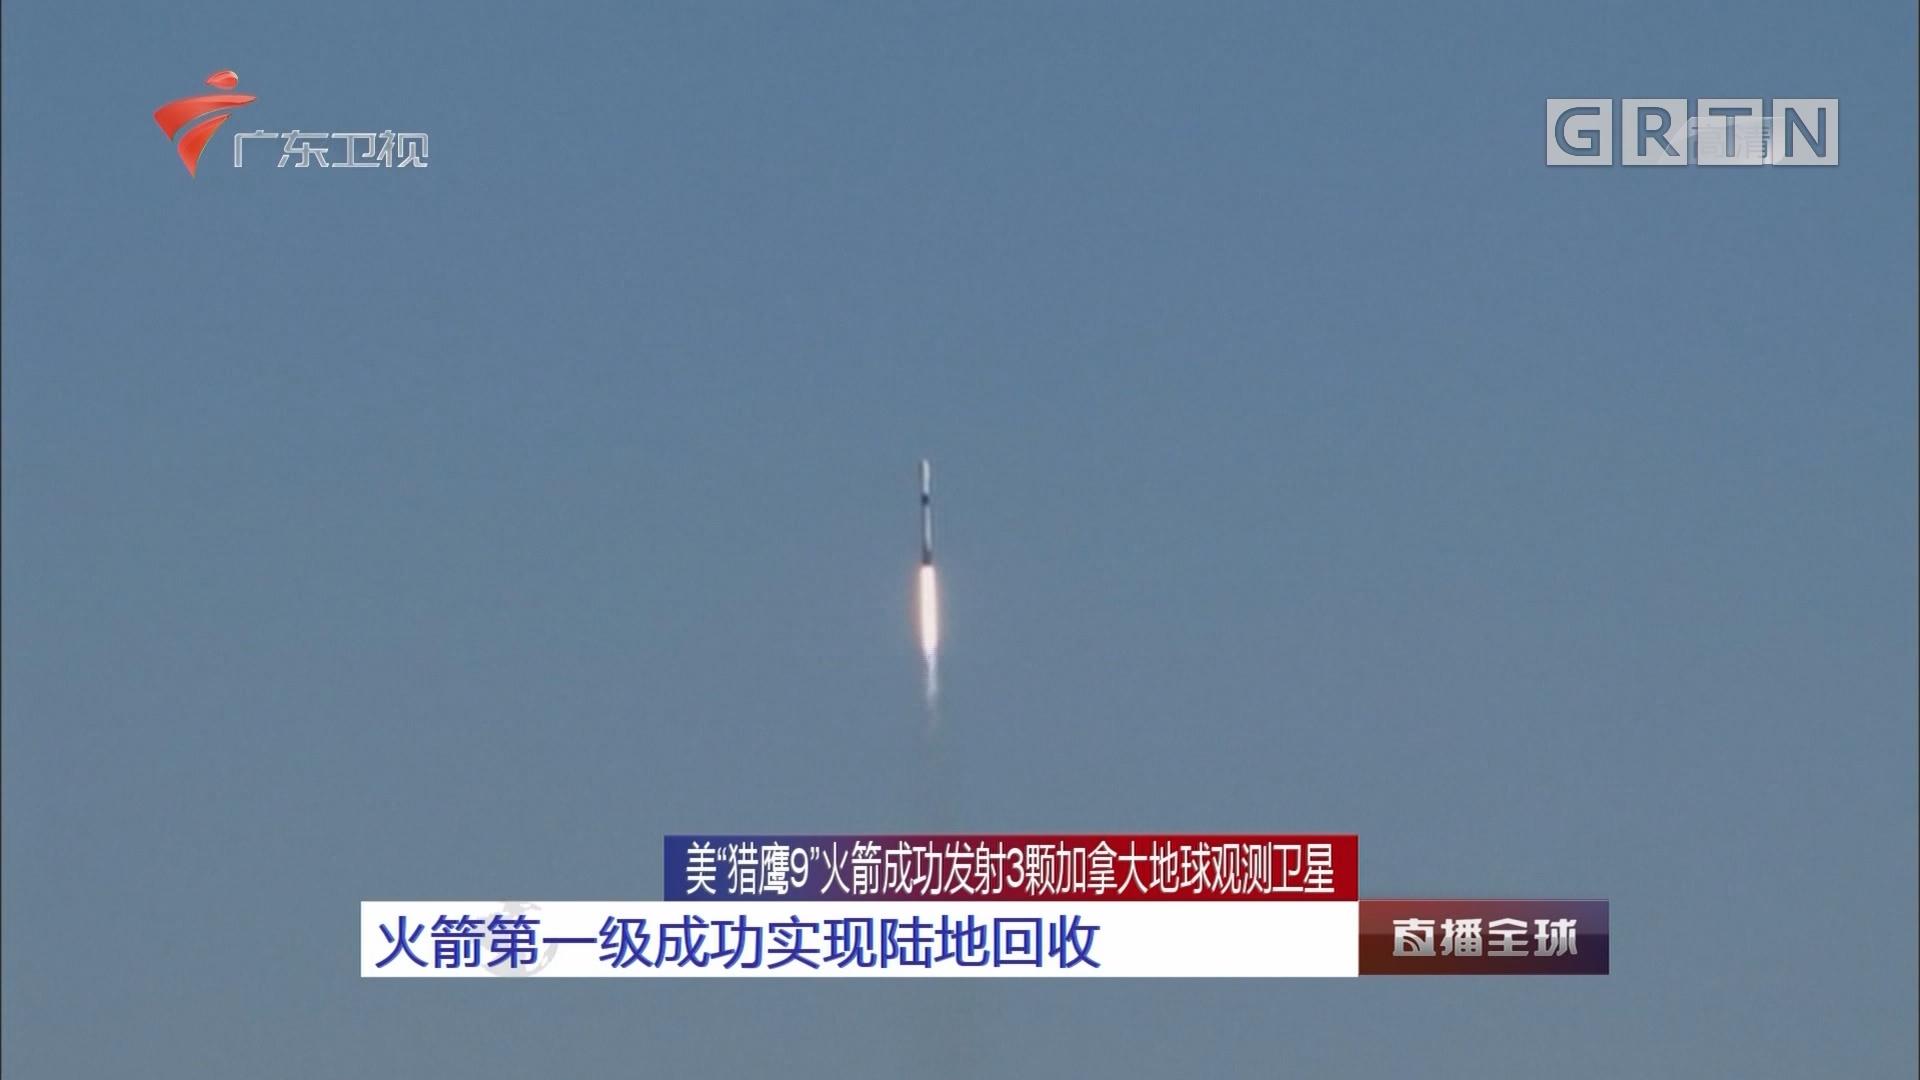 """美""""猎鹰9""""火箭成功发射3颗加拿大地球观测卫星 火箭第一级成功实现陆地回收"""